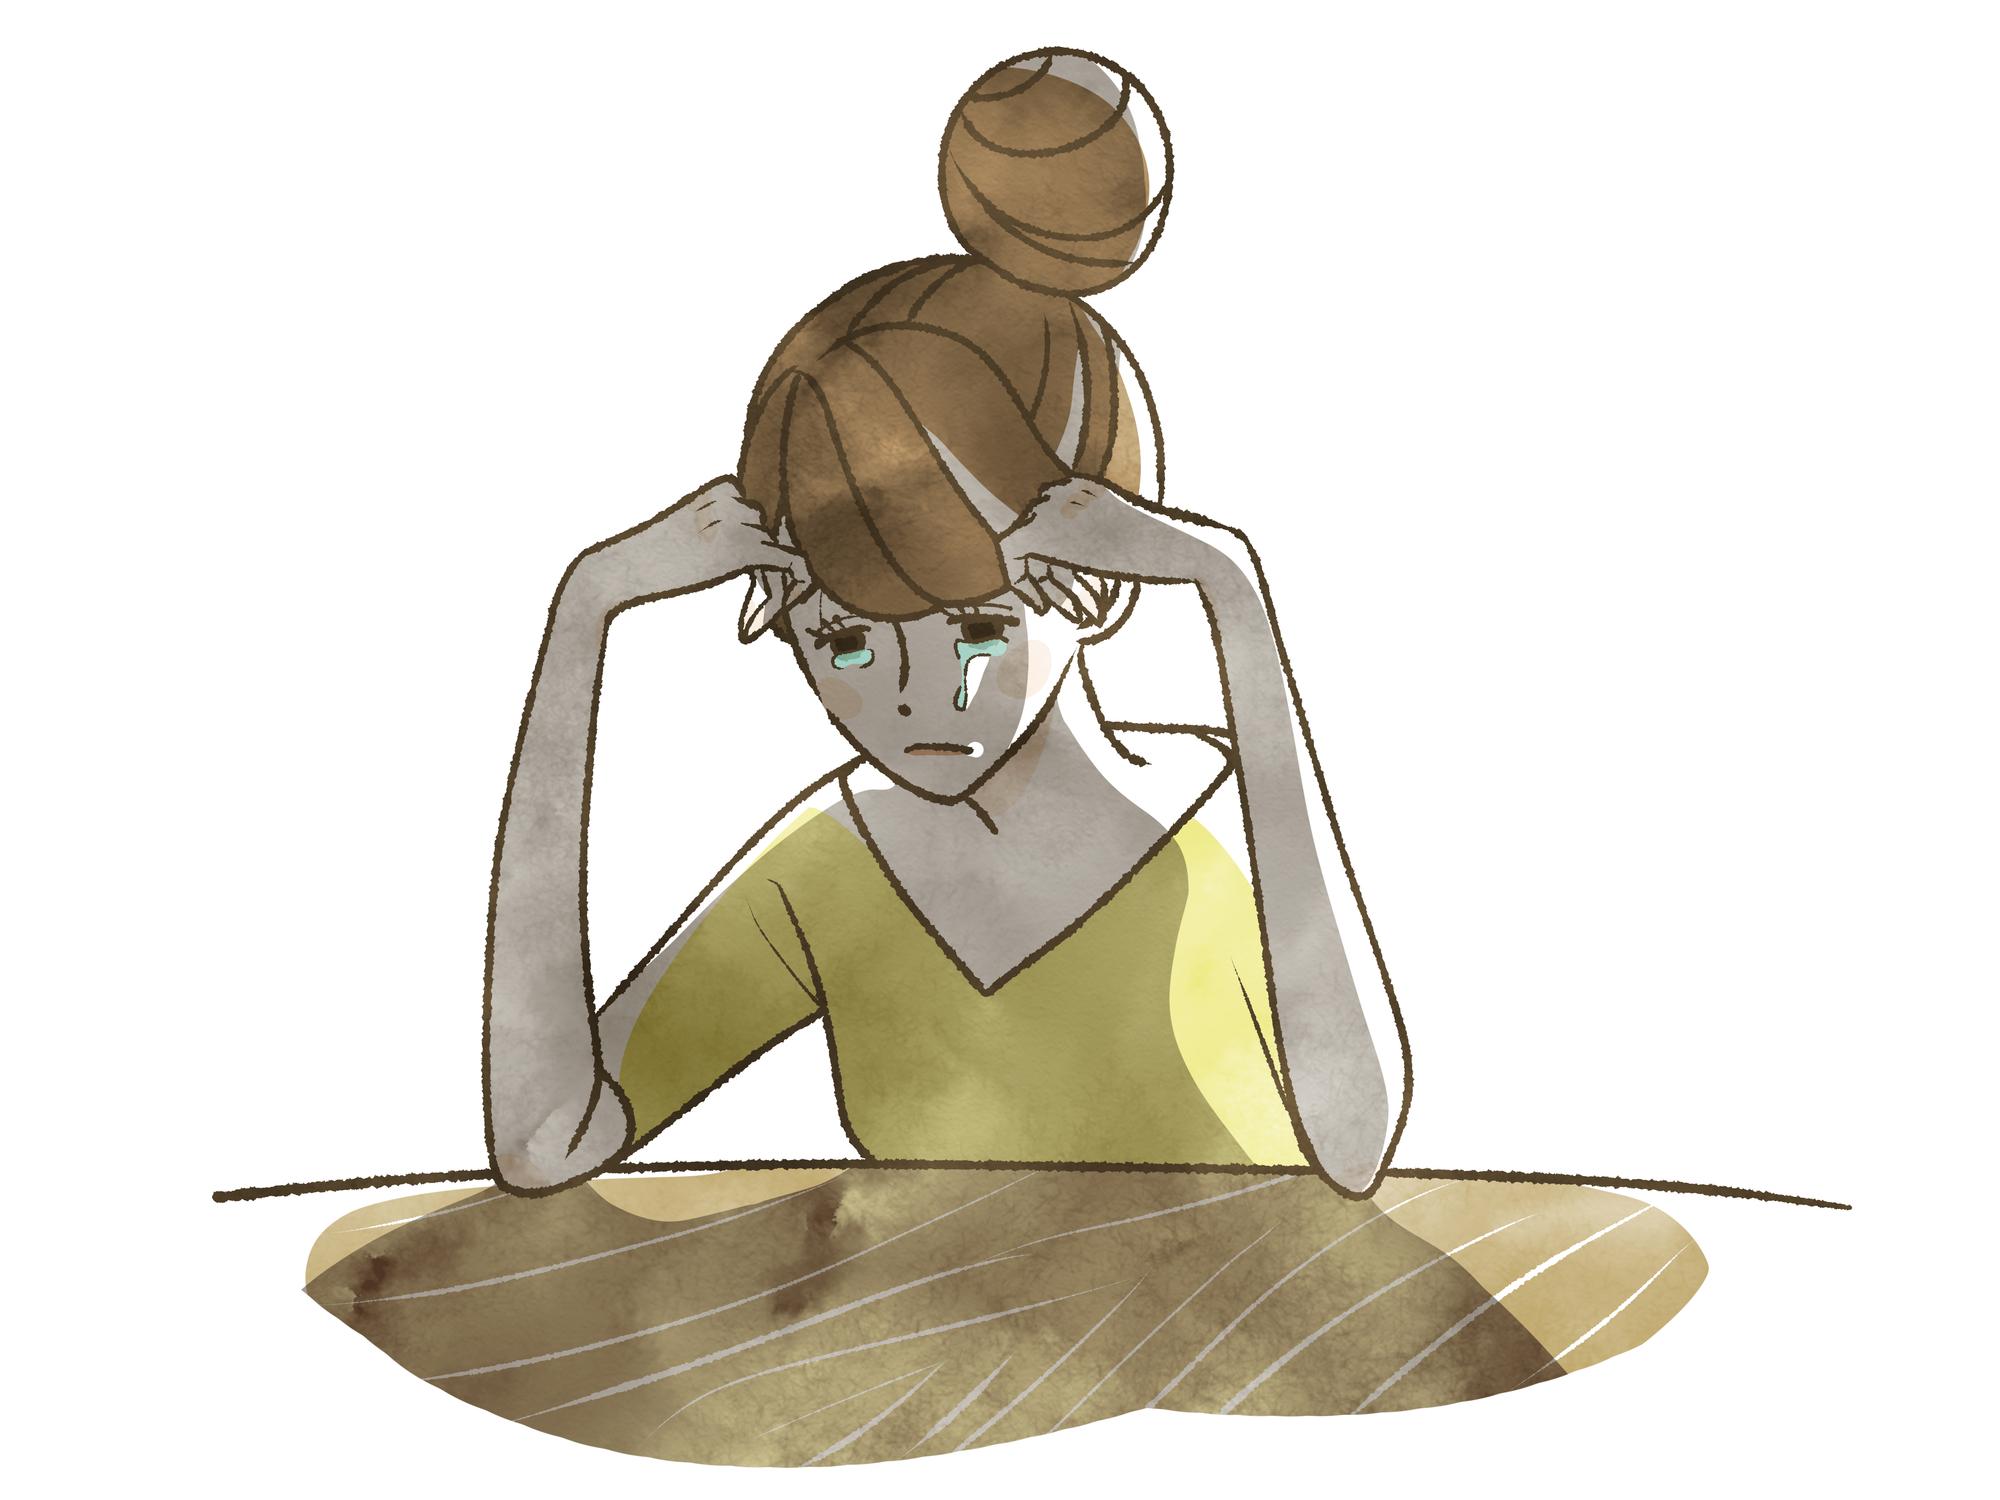 診断 チェック 妊娠 超 初期 症状